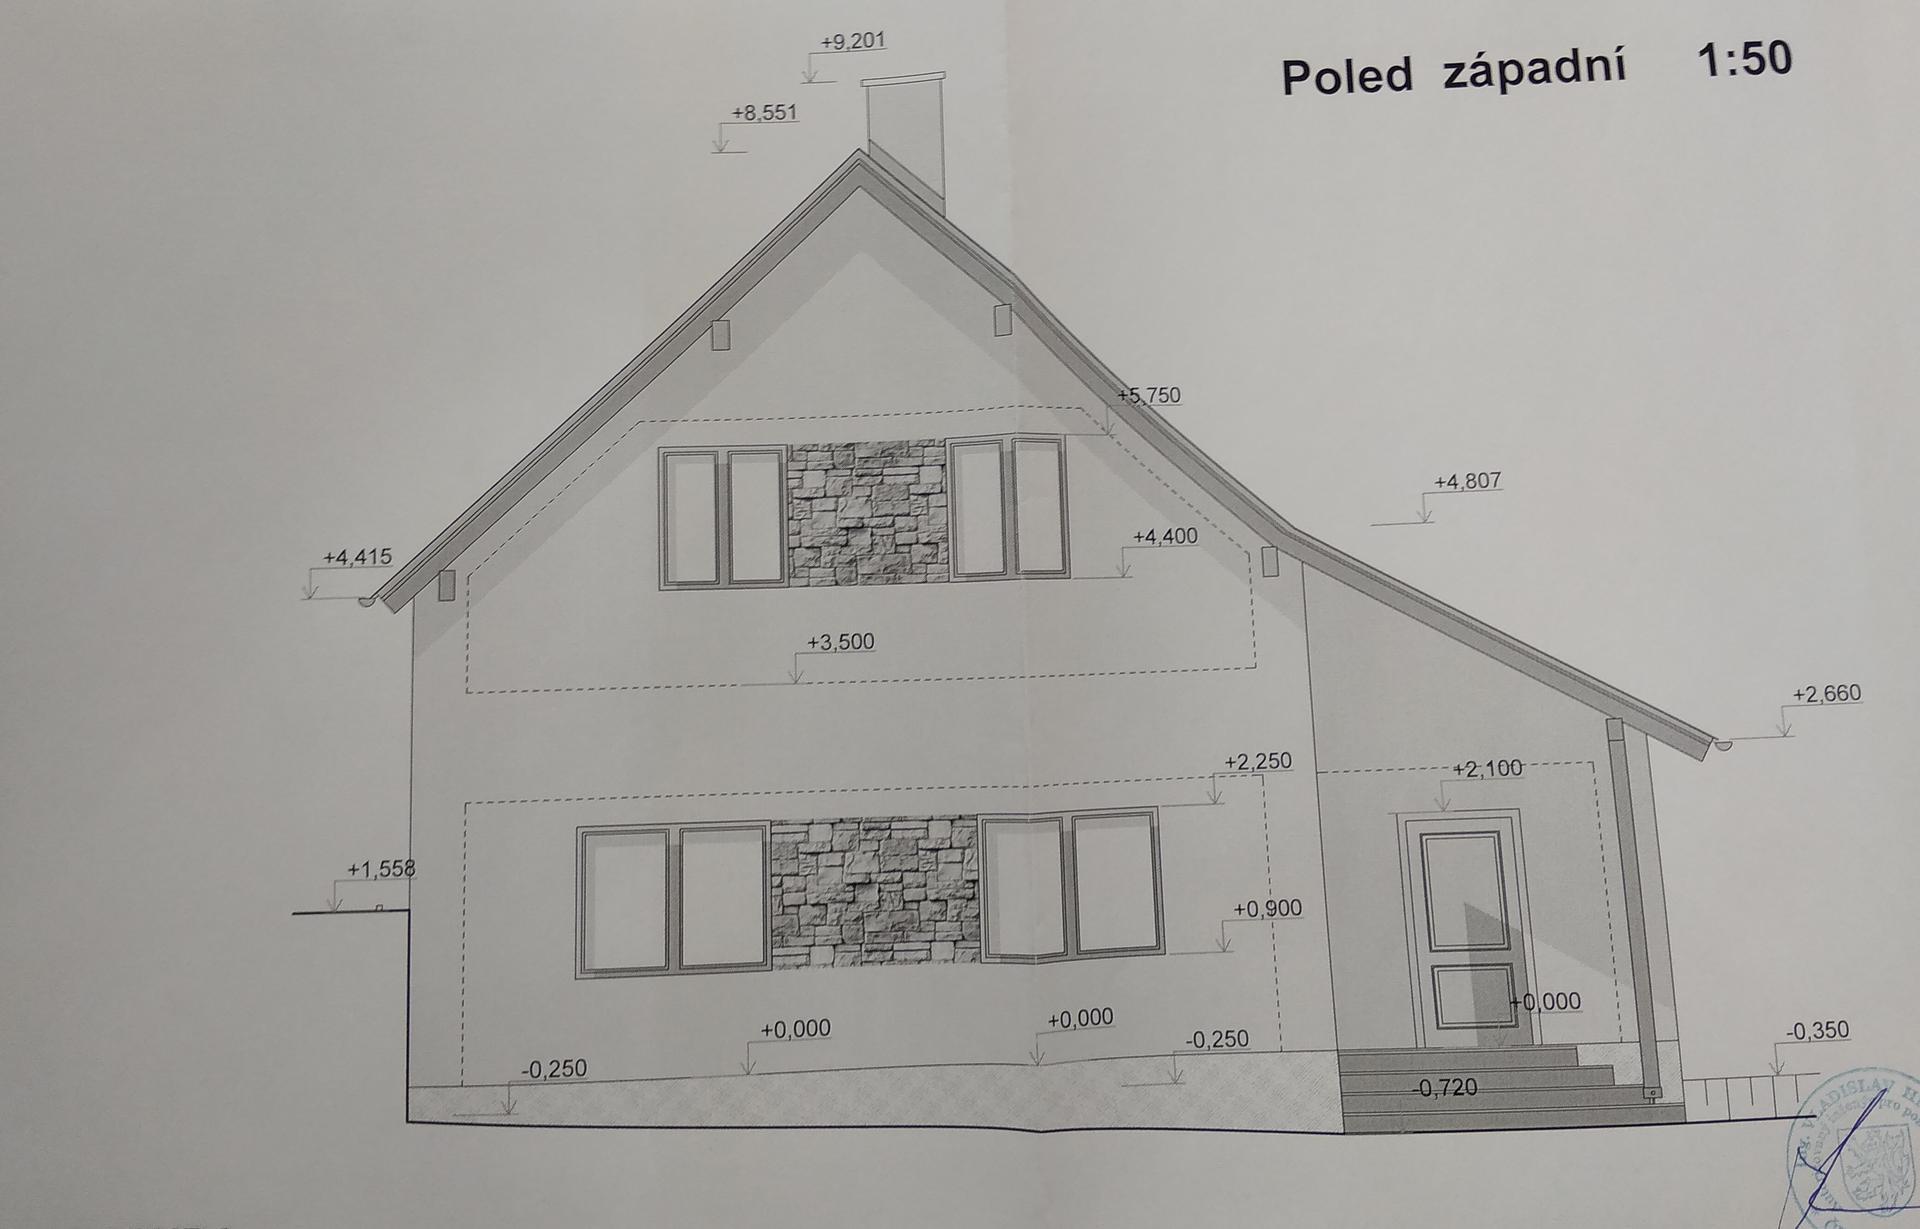 Hrubá stavba - Předpokládaný nový stav - západní pohled.  Vůbec netušíme jaká bude fasáda. Střecha bude Tondach Stodo 12 Amadeus černá (byla jsem přemluvena příznivou cenou a partnerem, mně se líbí červené tašky).